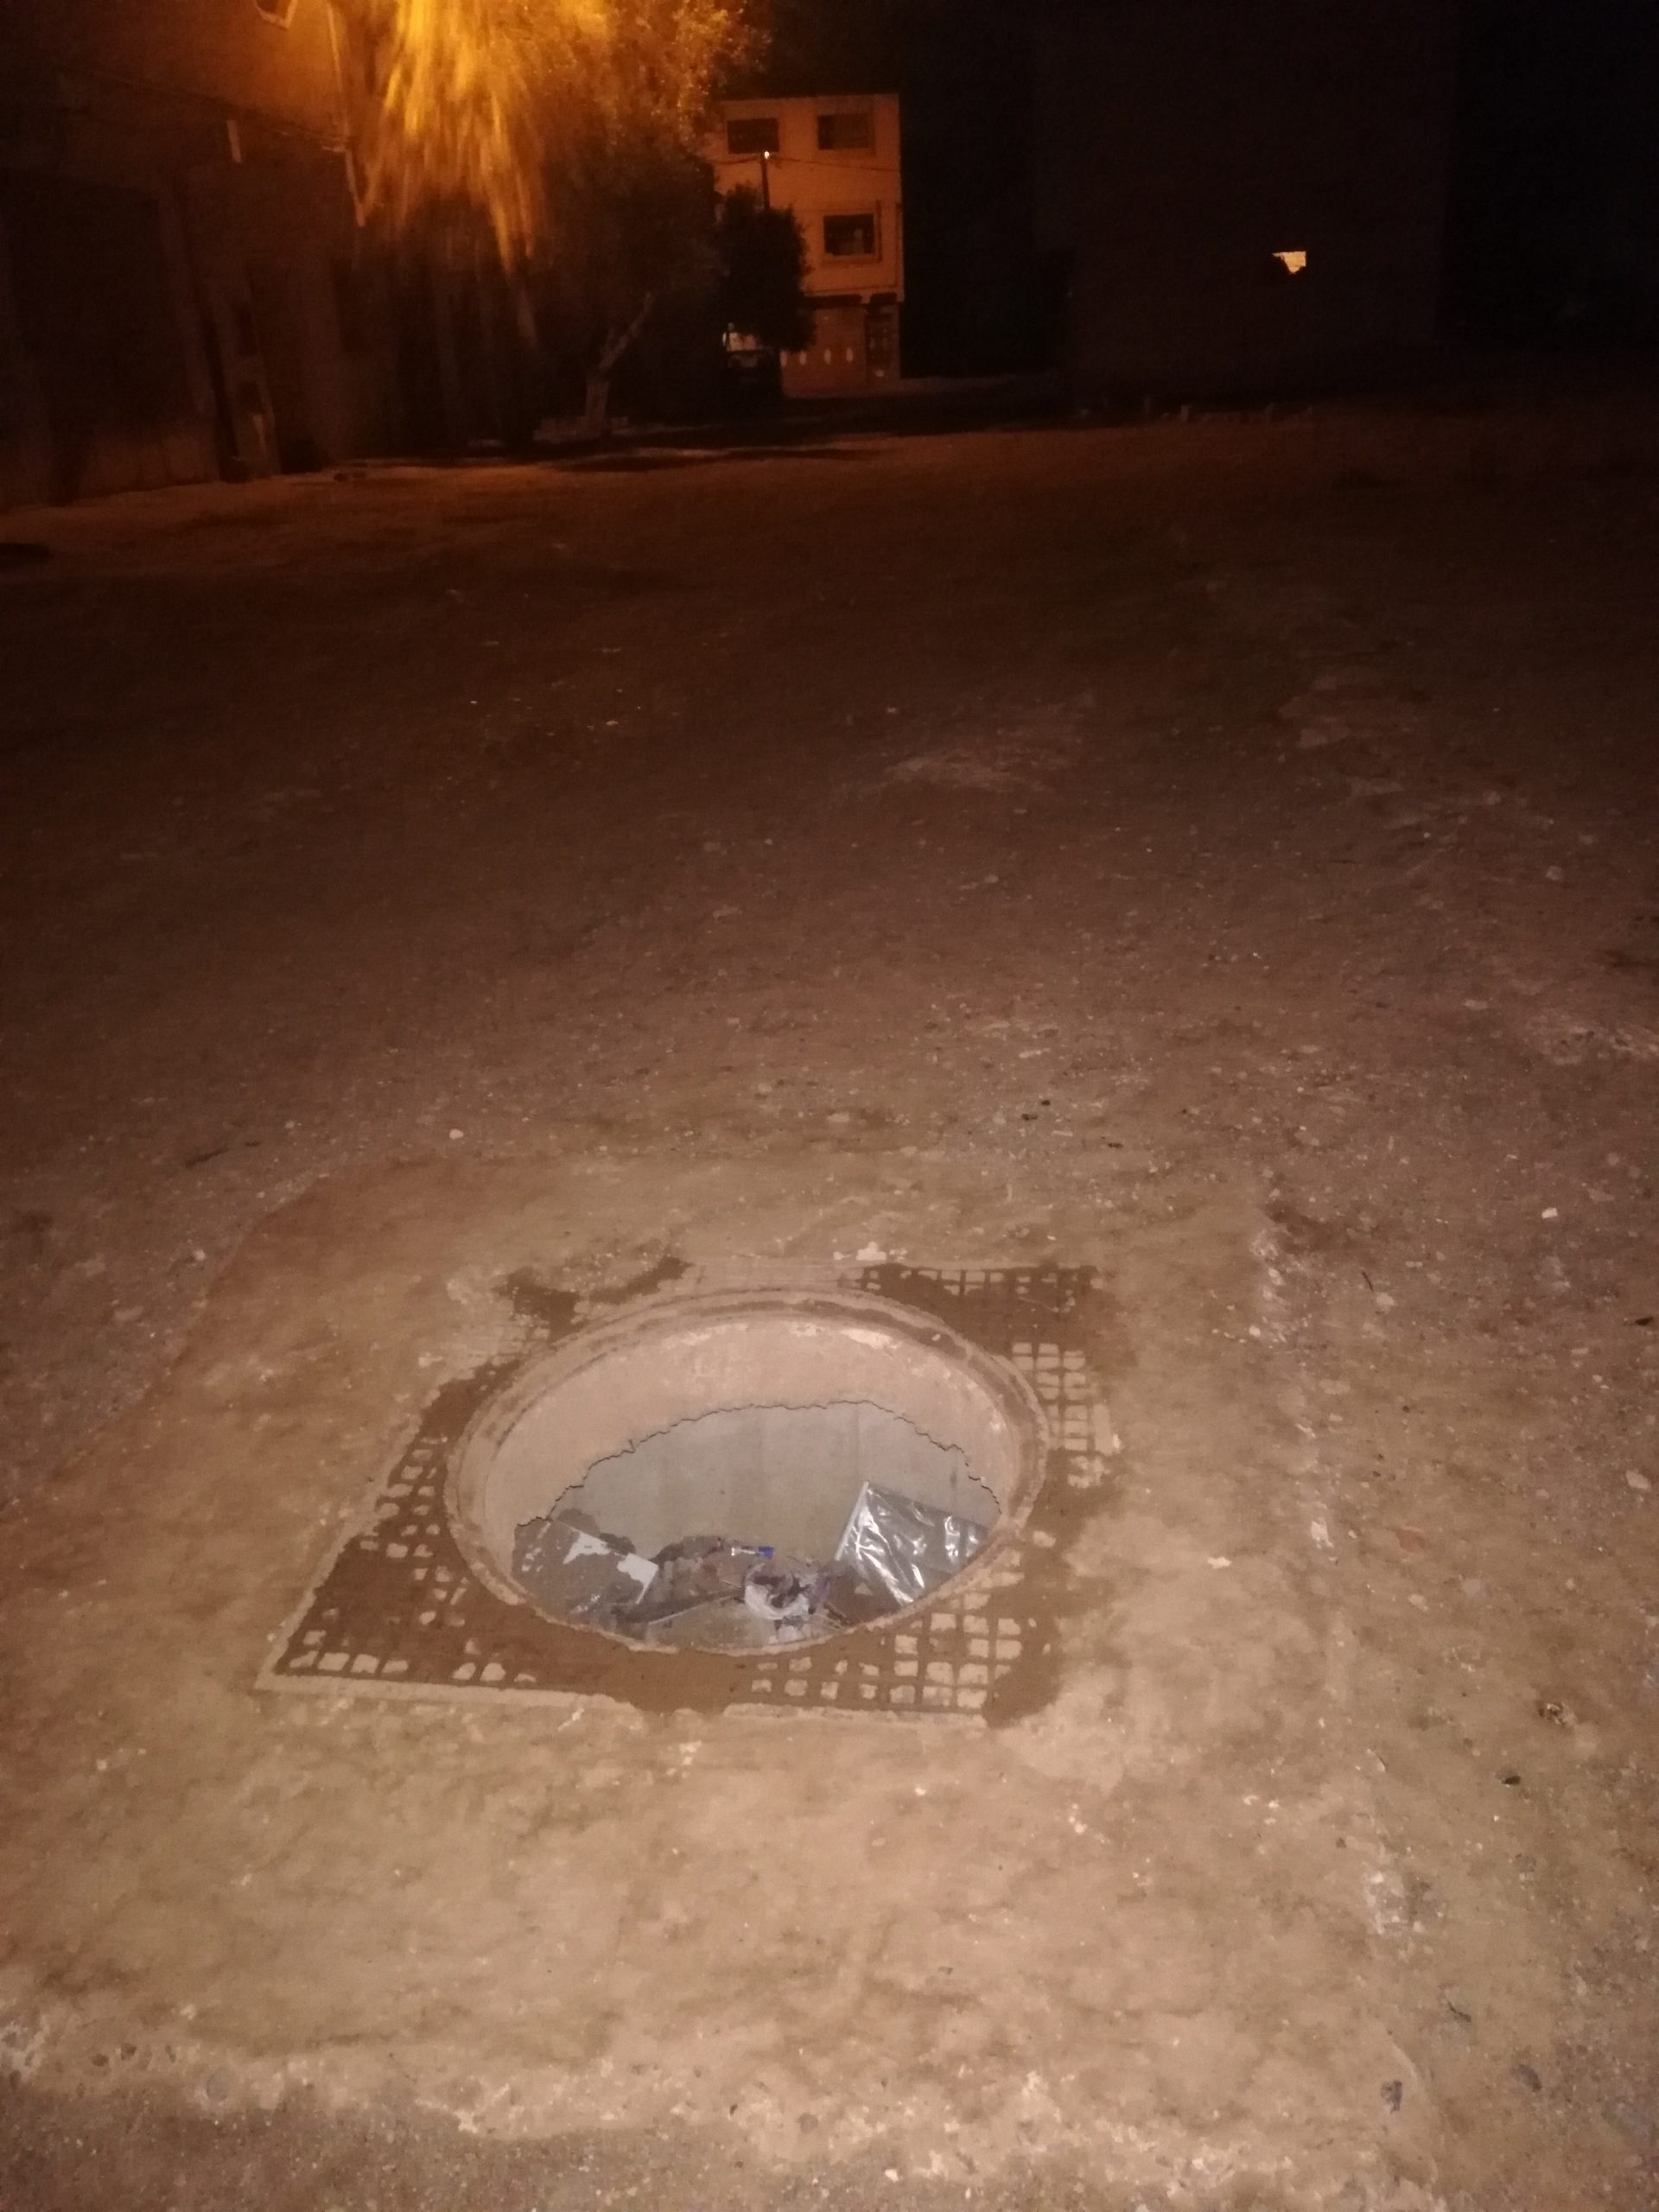 بالوعة الصرف الصحي تُهدد حياة المارة بحي بولغالغ والجهات المختصة خارج التغطية !!